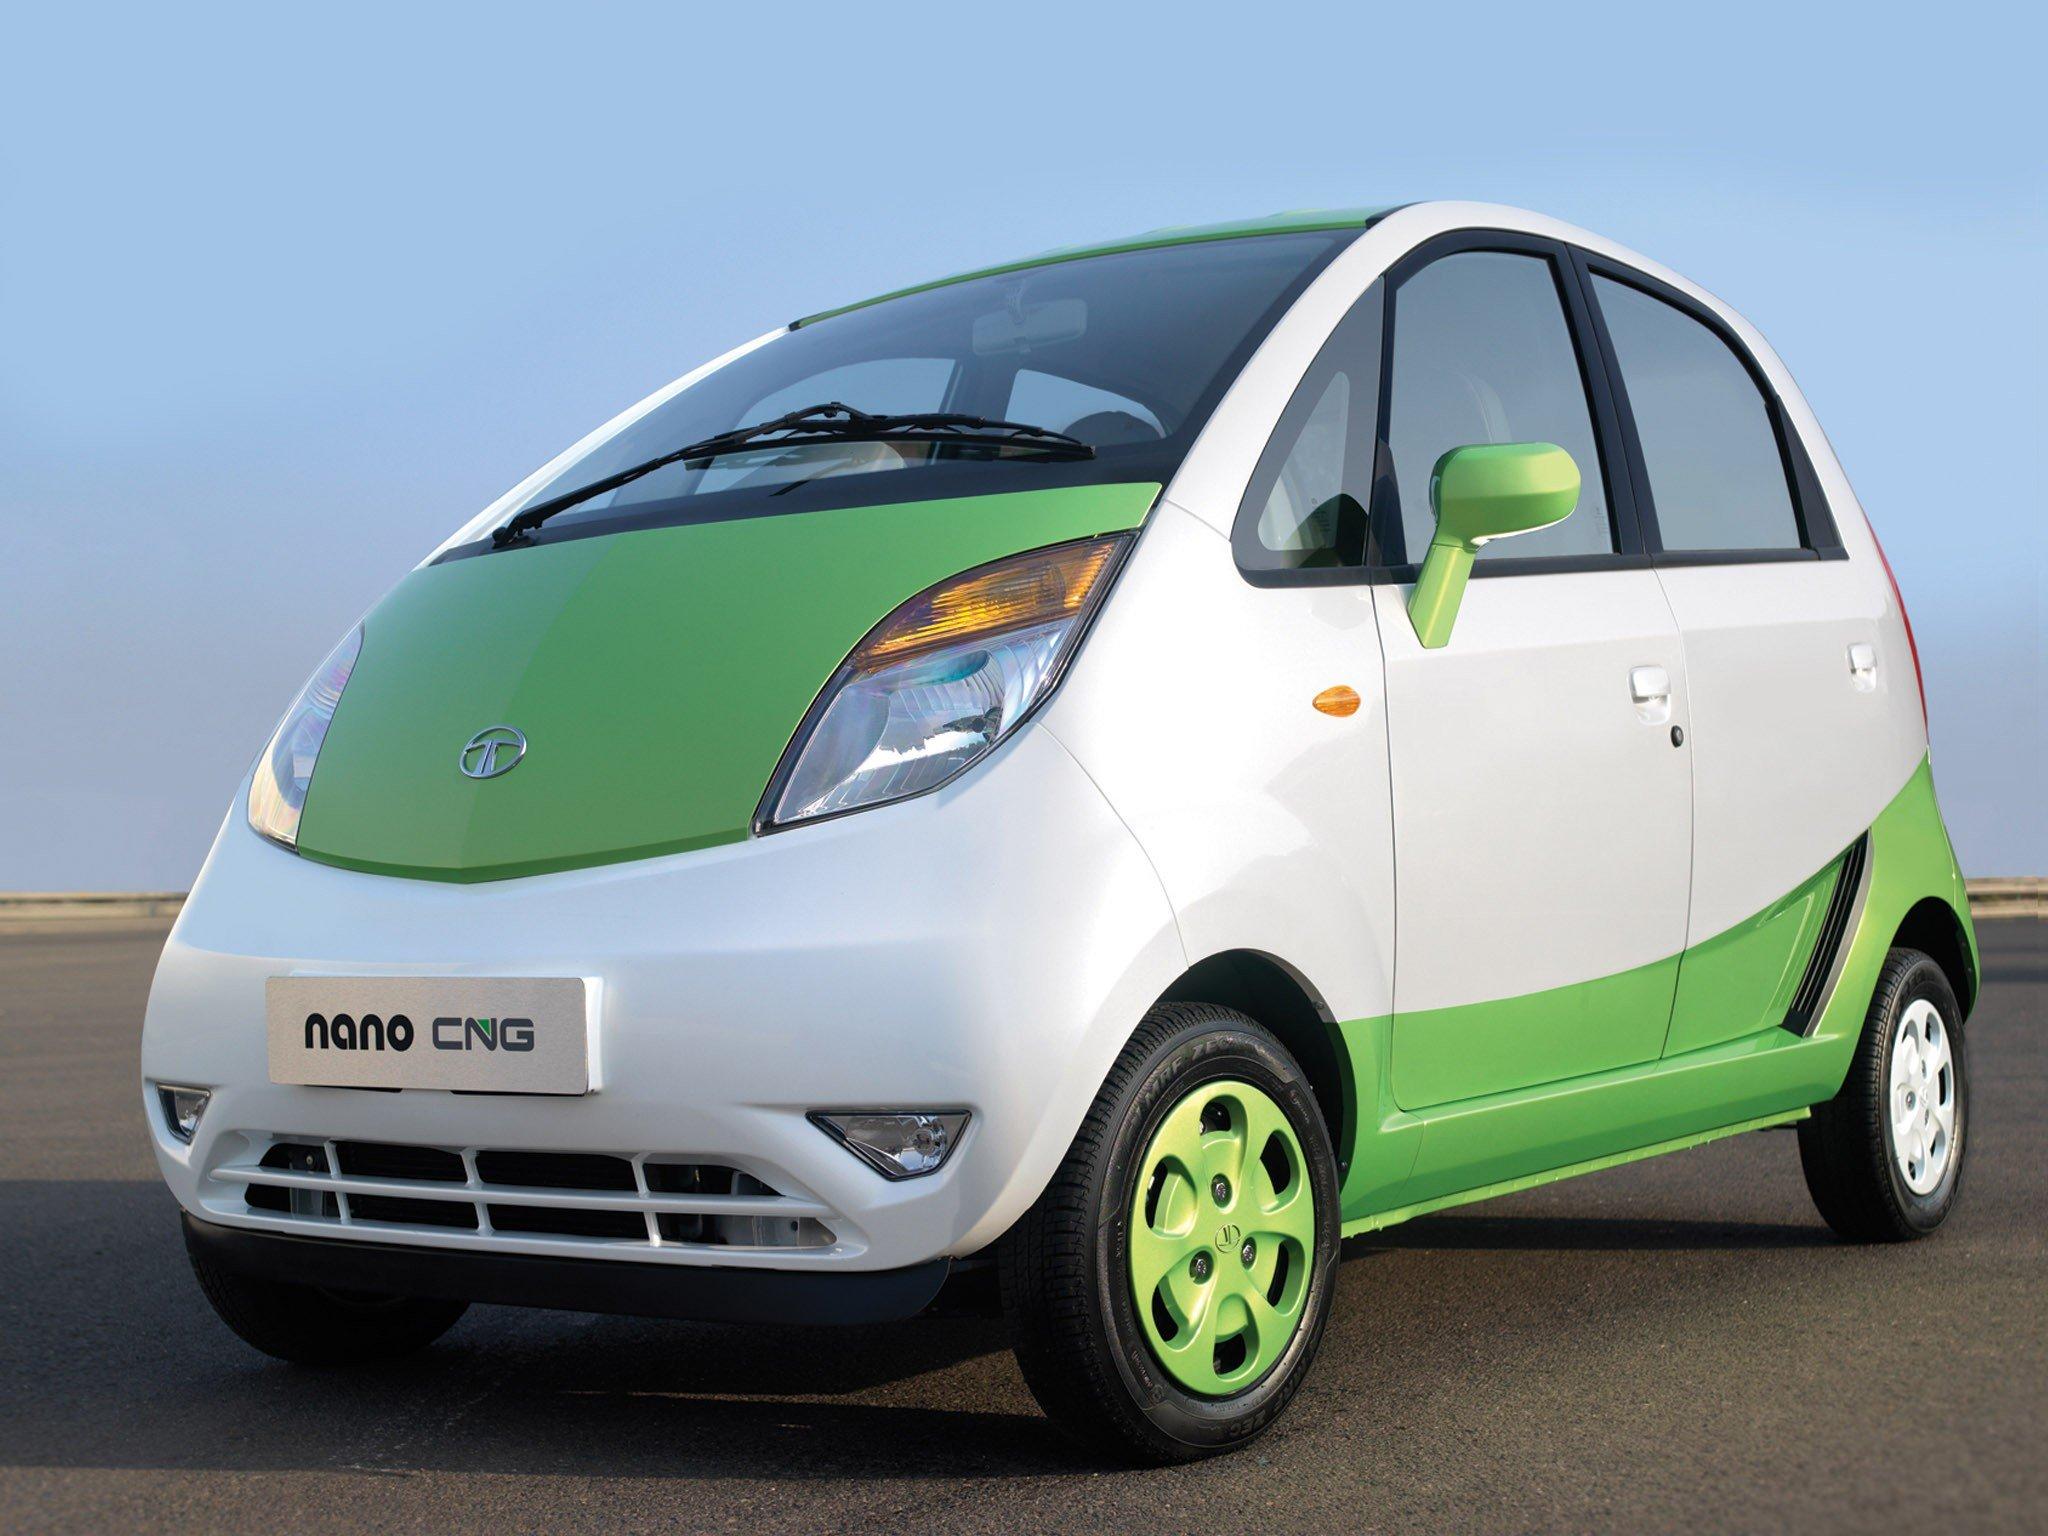 Tata Nano CNG front